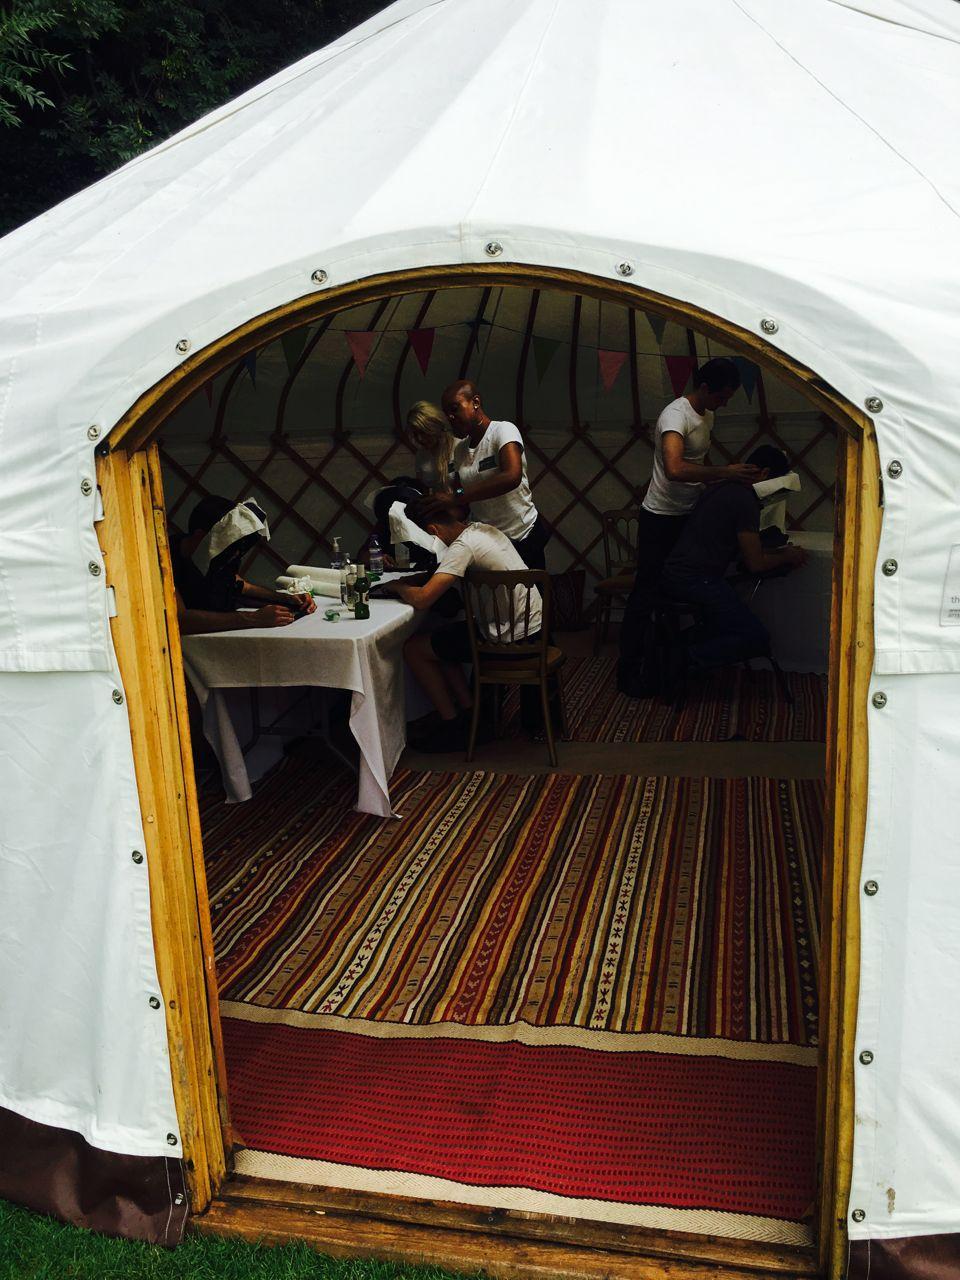 corporate fun days yurt salon setup